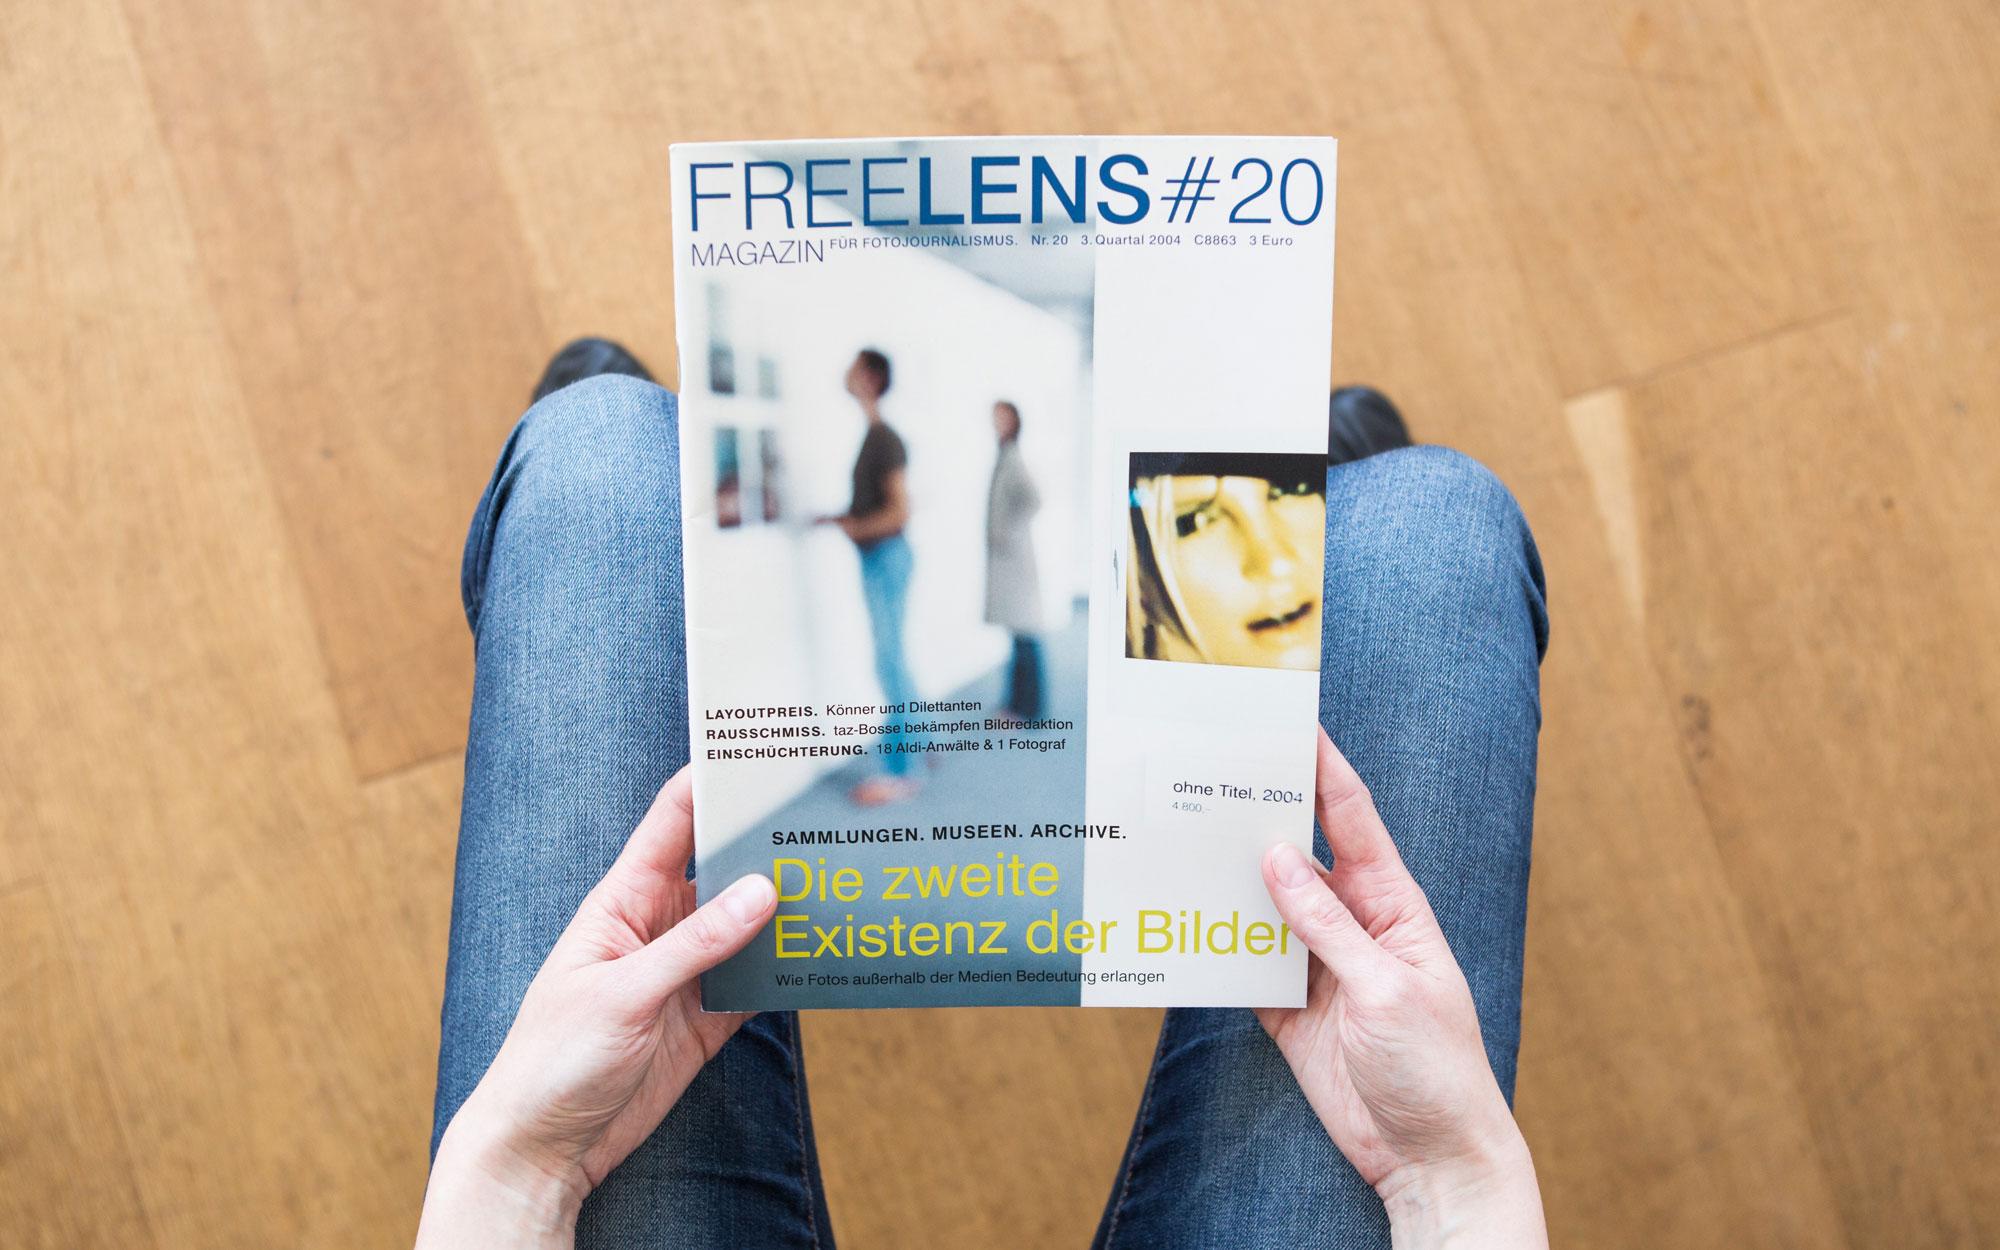 Die zweite Existenz der Bilder ist Titelthema in dieser Ausgabe – unseren Titel fotografierten Melanie Dreysse und Frank Siemers. Foto: Lucas Wahl